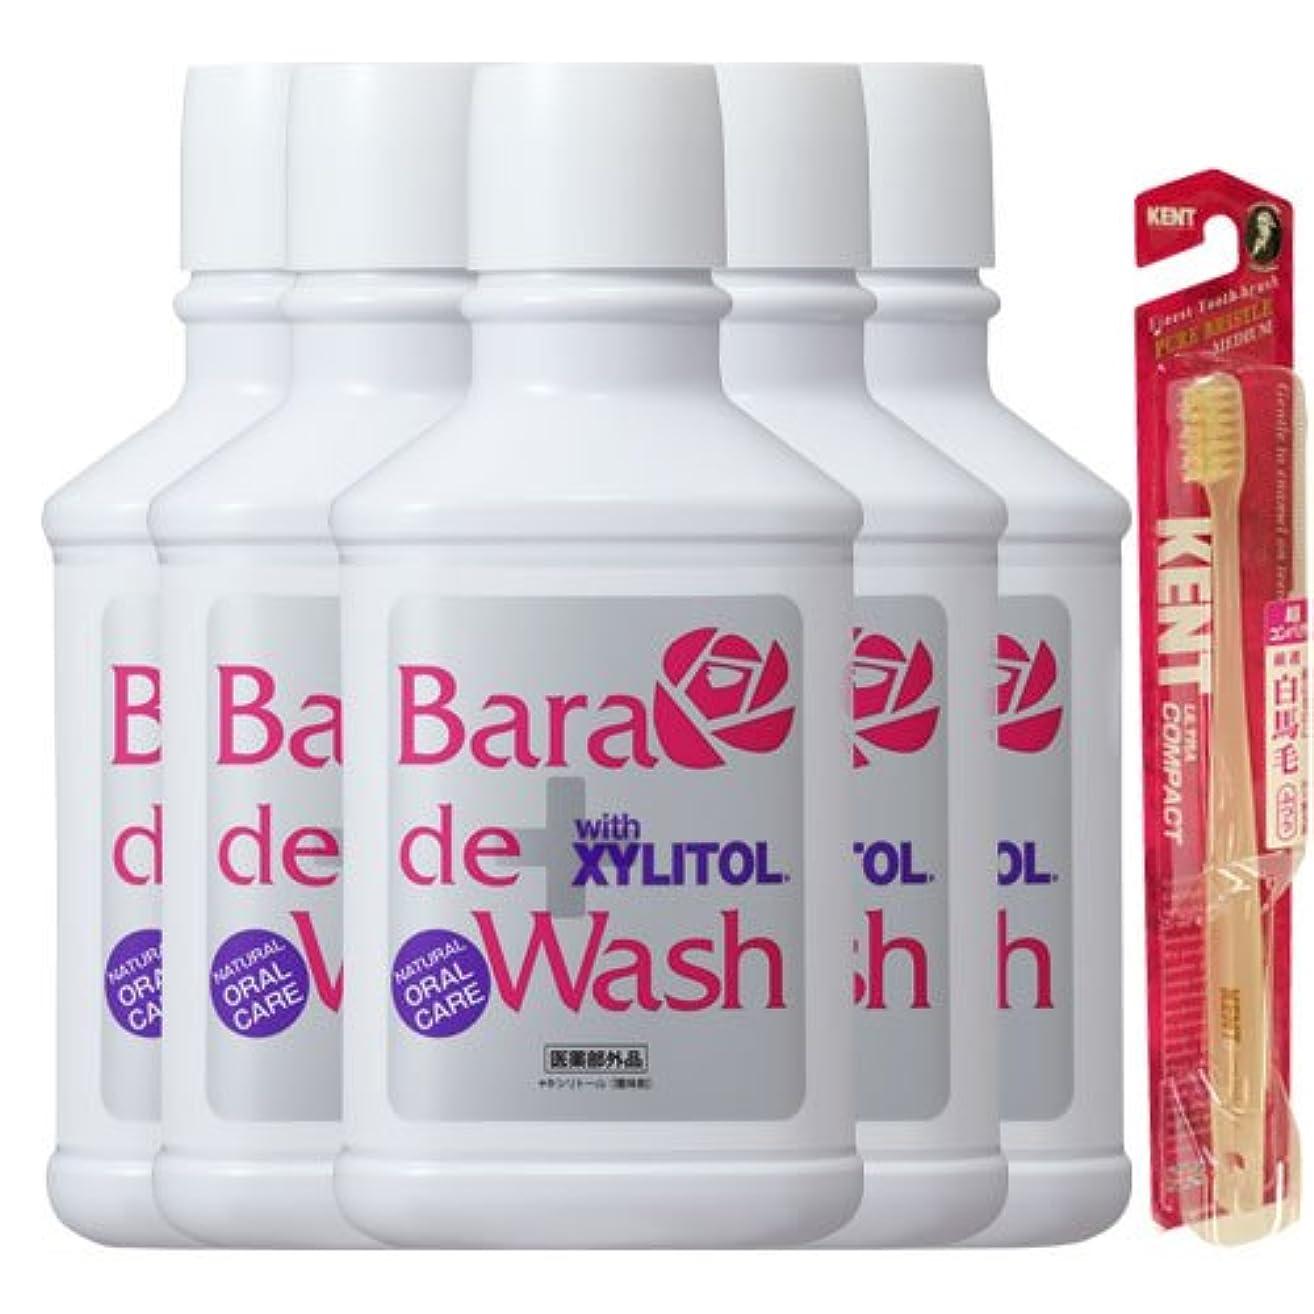 チーズ現代の決定する薬用バラデウォッシュ 500ml 5本& KENT歯ブラシ1本プレゼント